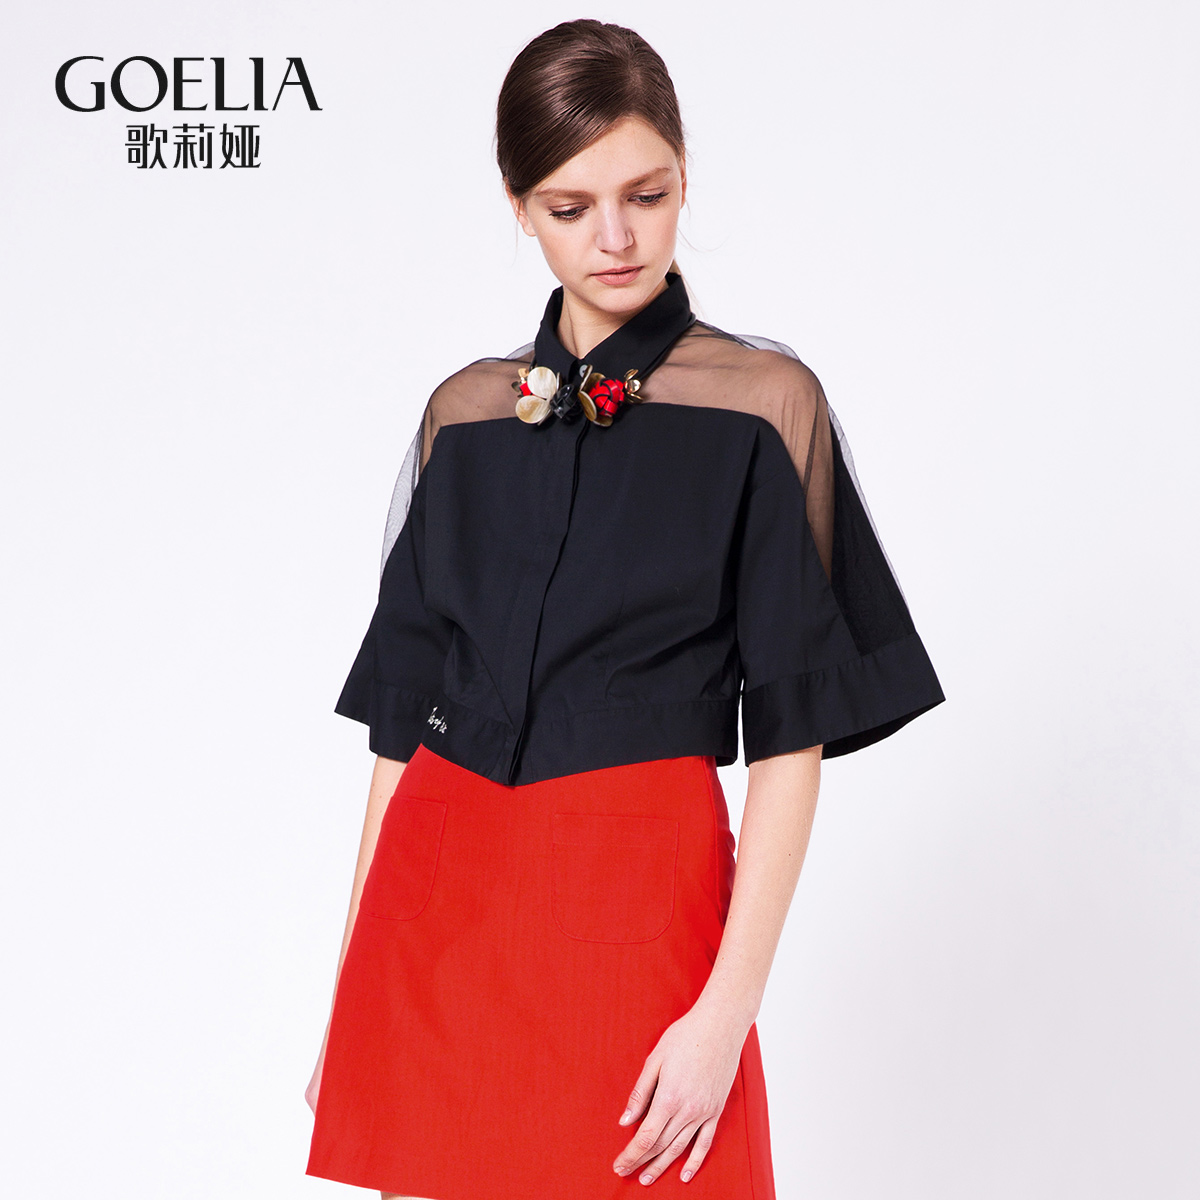 歌莉娅女装 GLORIA歌莉娅女装宽松H型短袖梭织衫衬衫164C3B060_推荐淘宝好看的歌莉娅